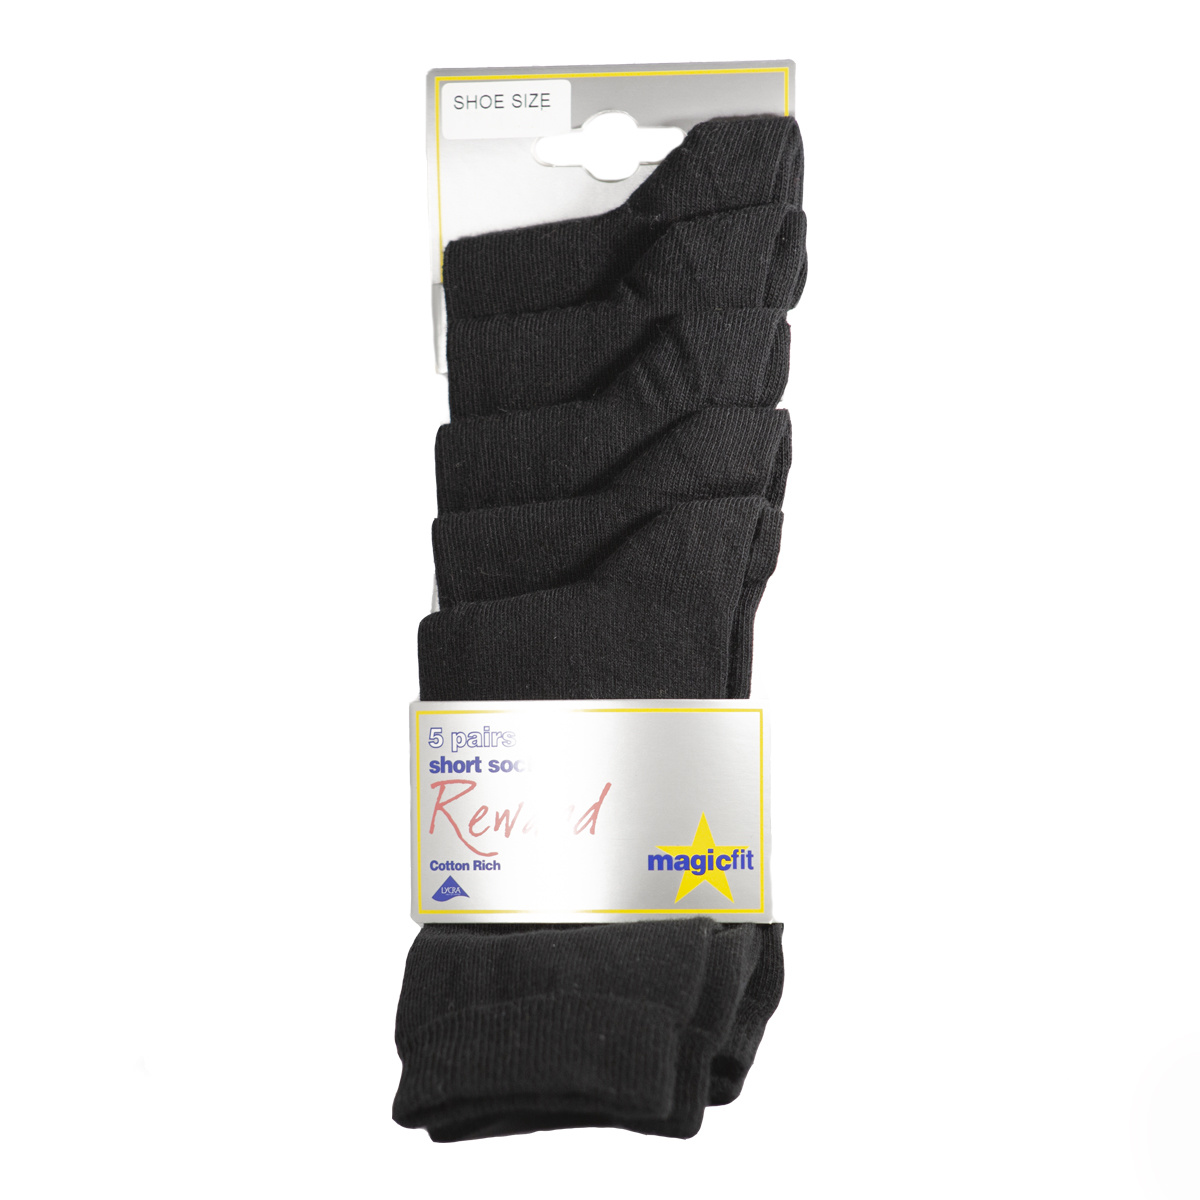 Magicfit Short Socks